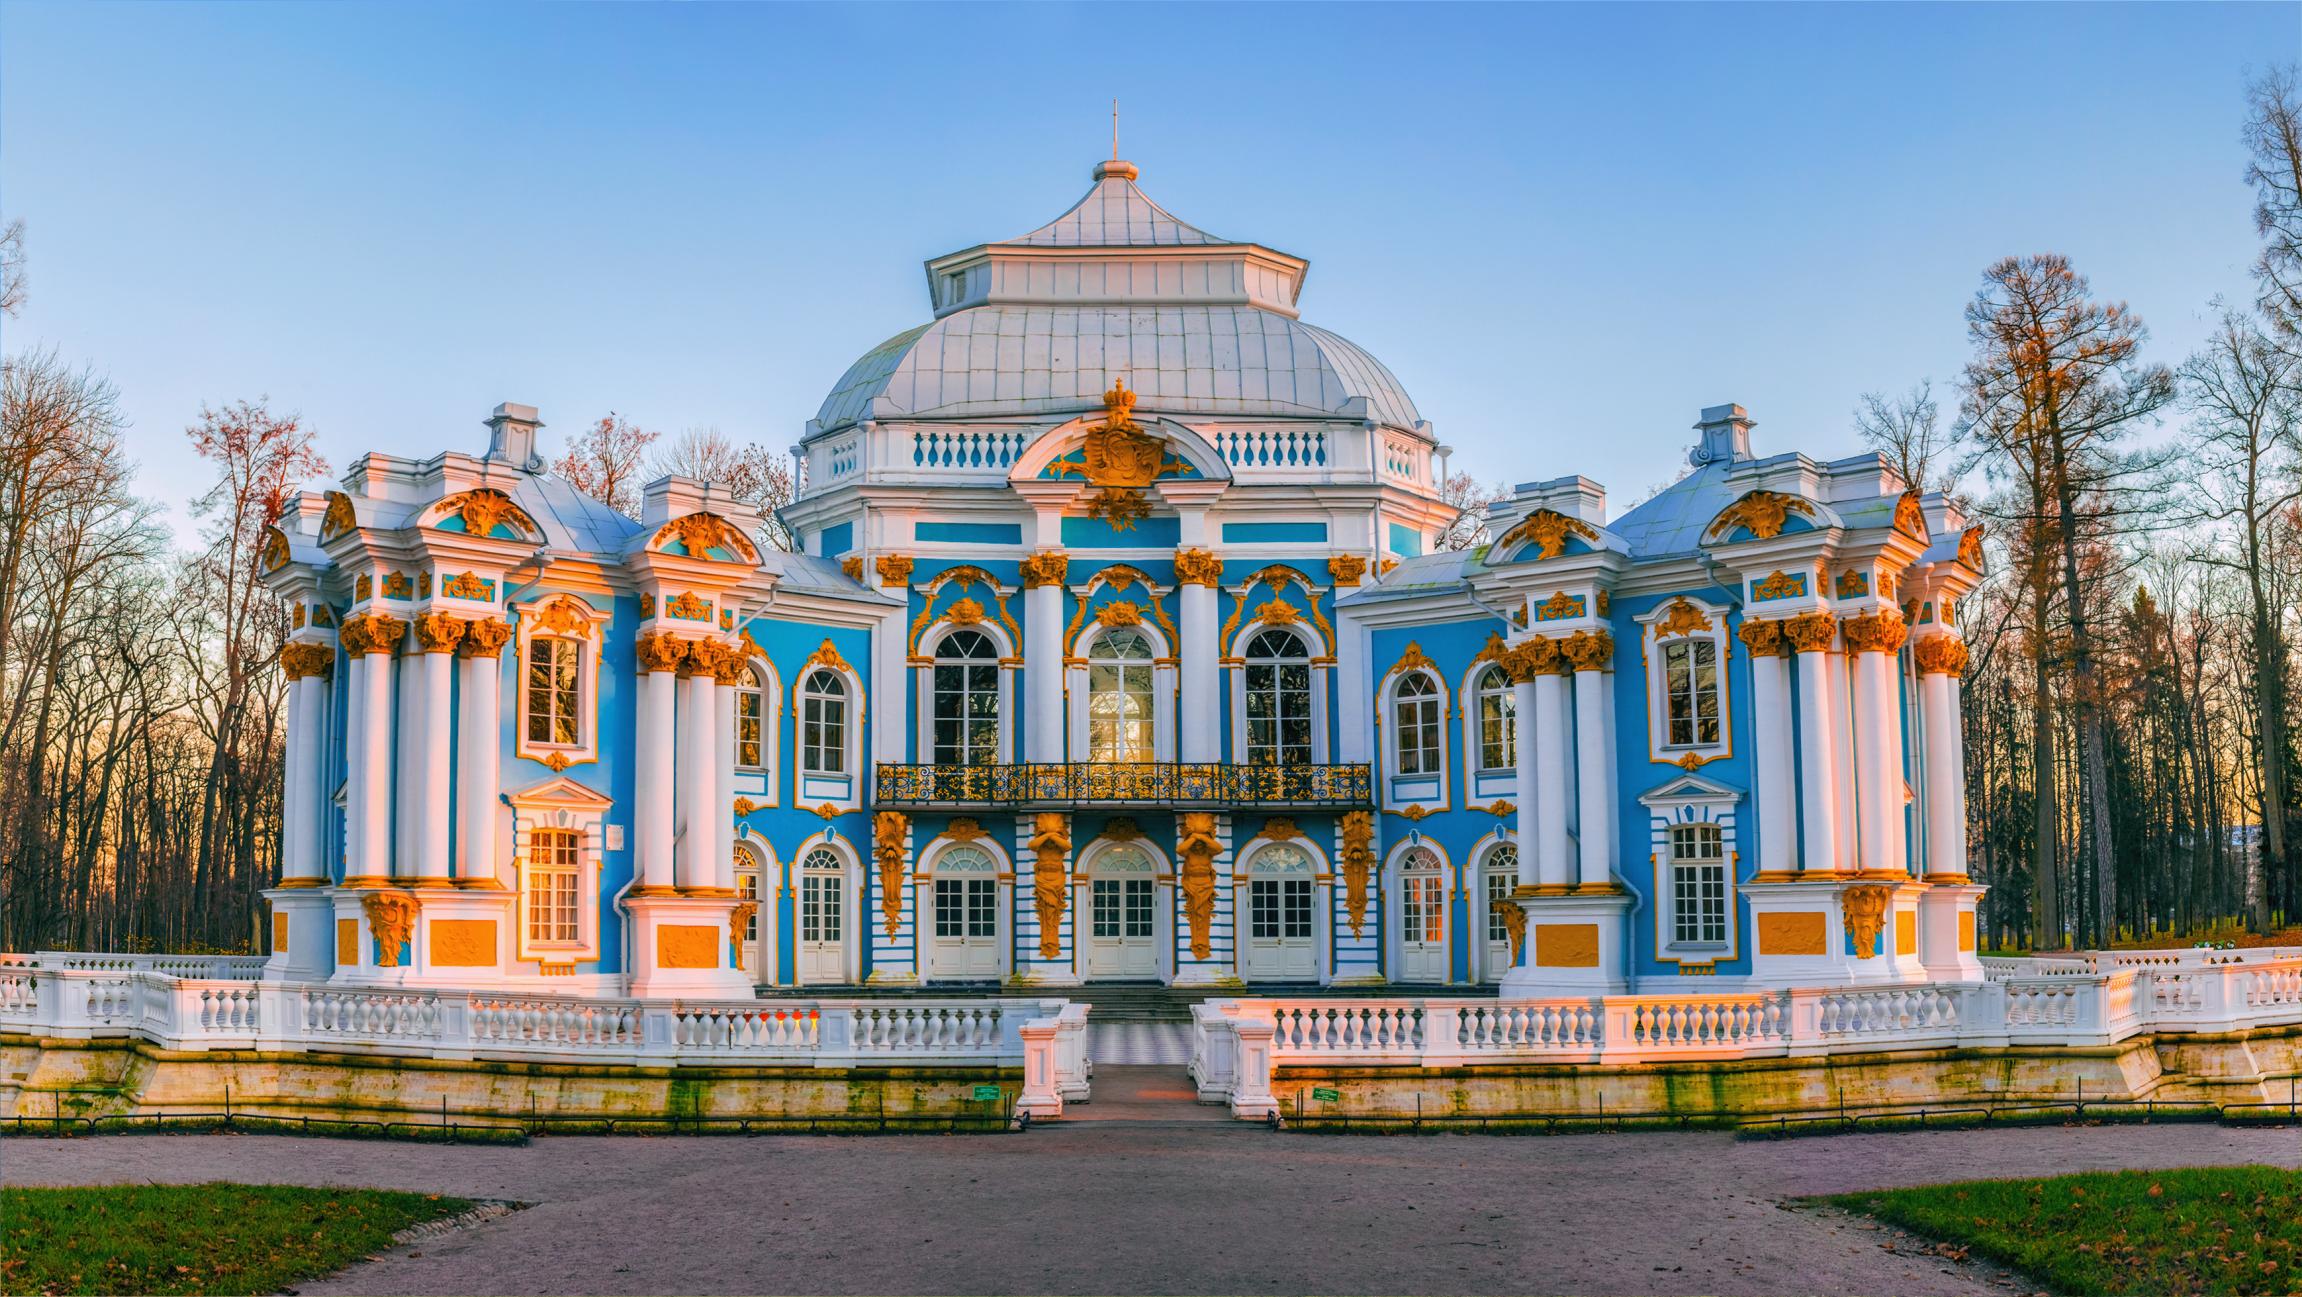 4.Pushkin & Camera de chihlimbar